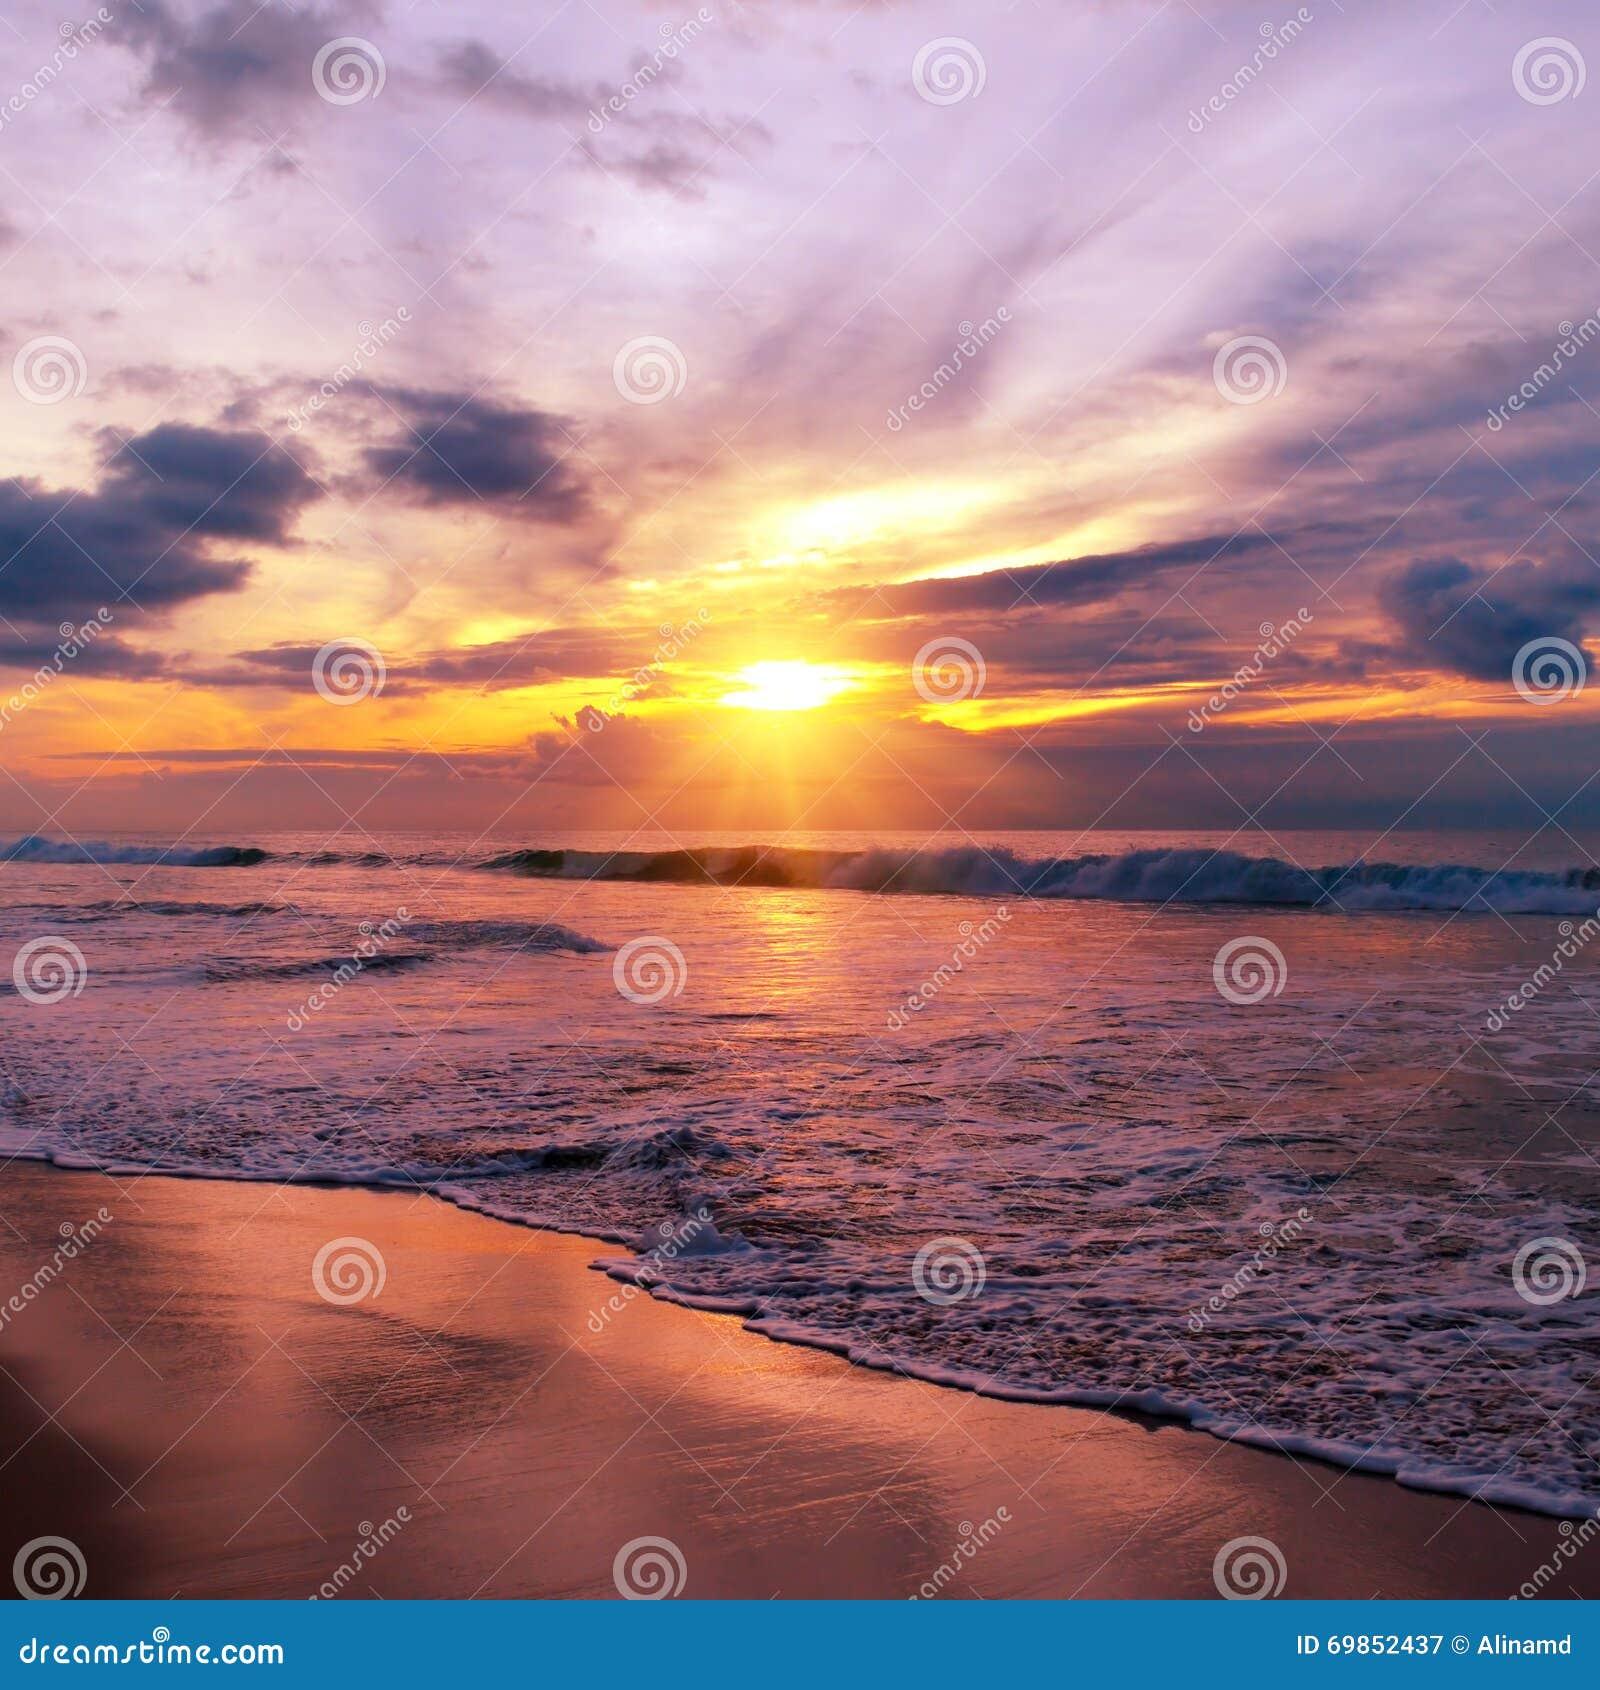 Citaten Over Zonsondergang : Zonsondergang over de oceaan stock foto afbeelding